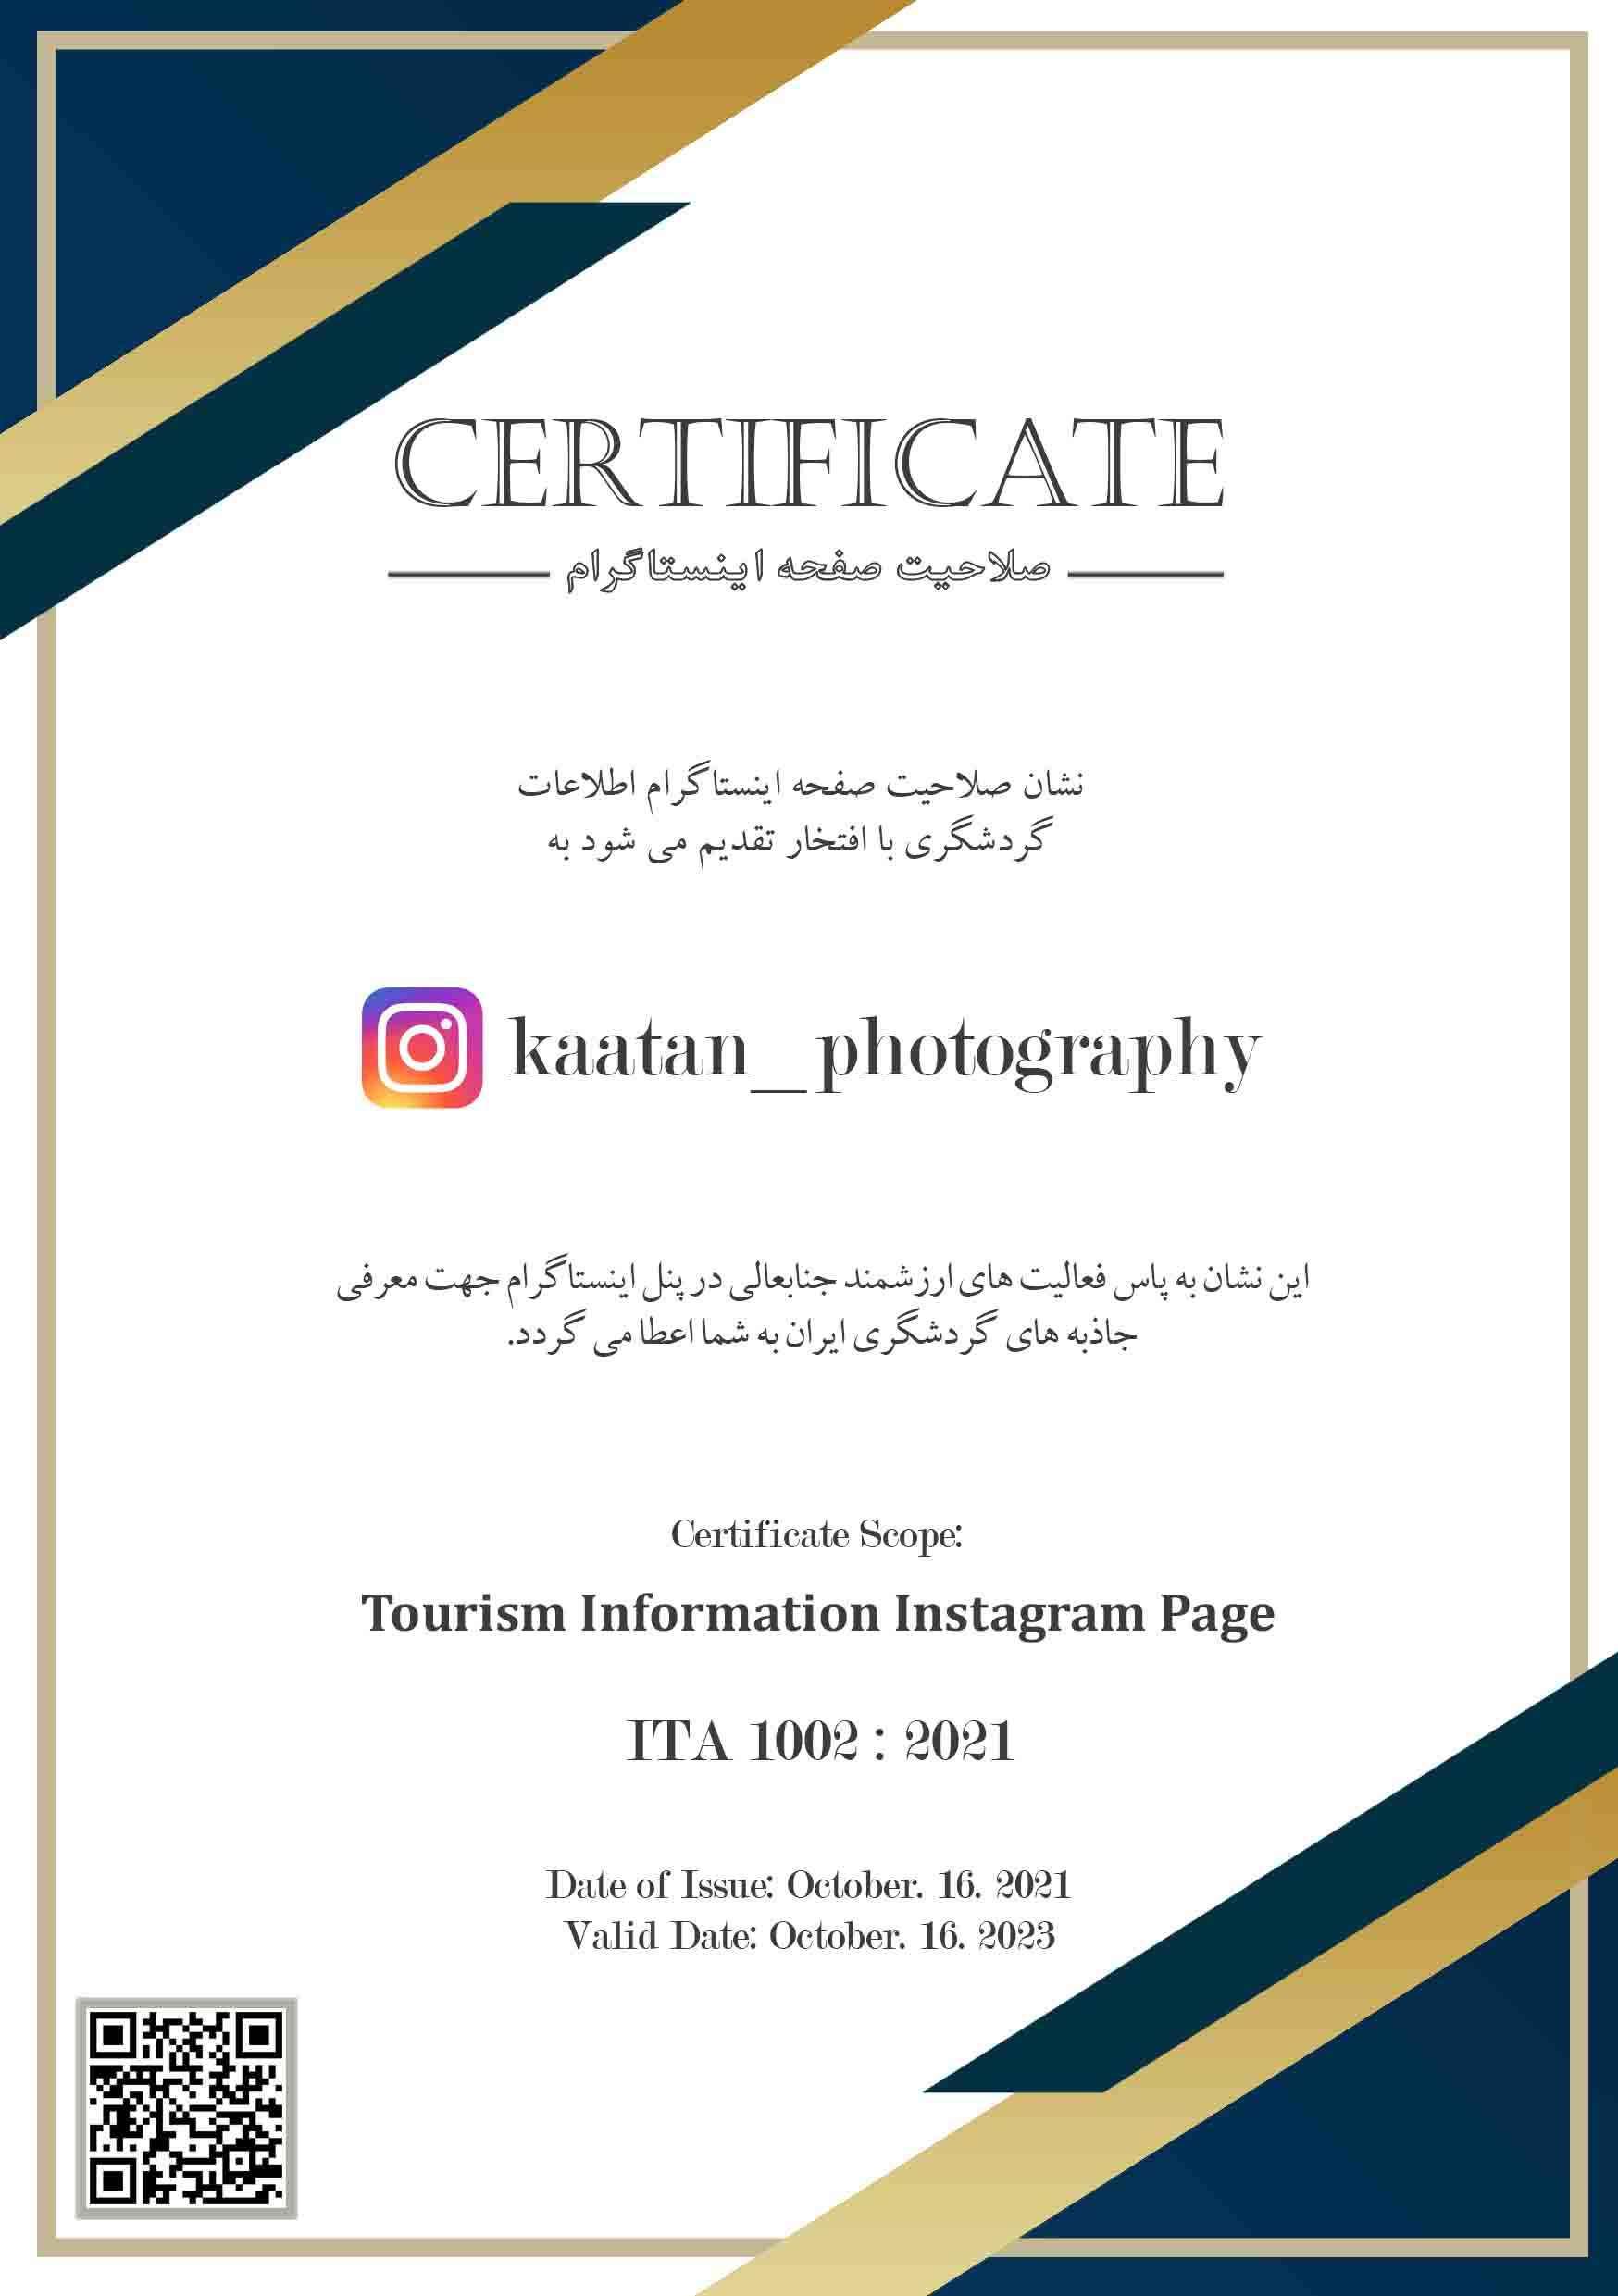 kaatan_photography